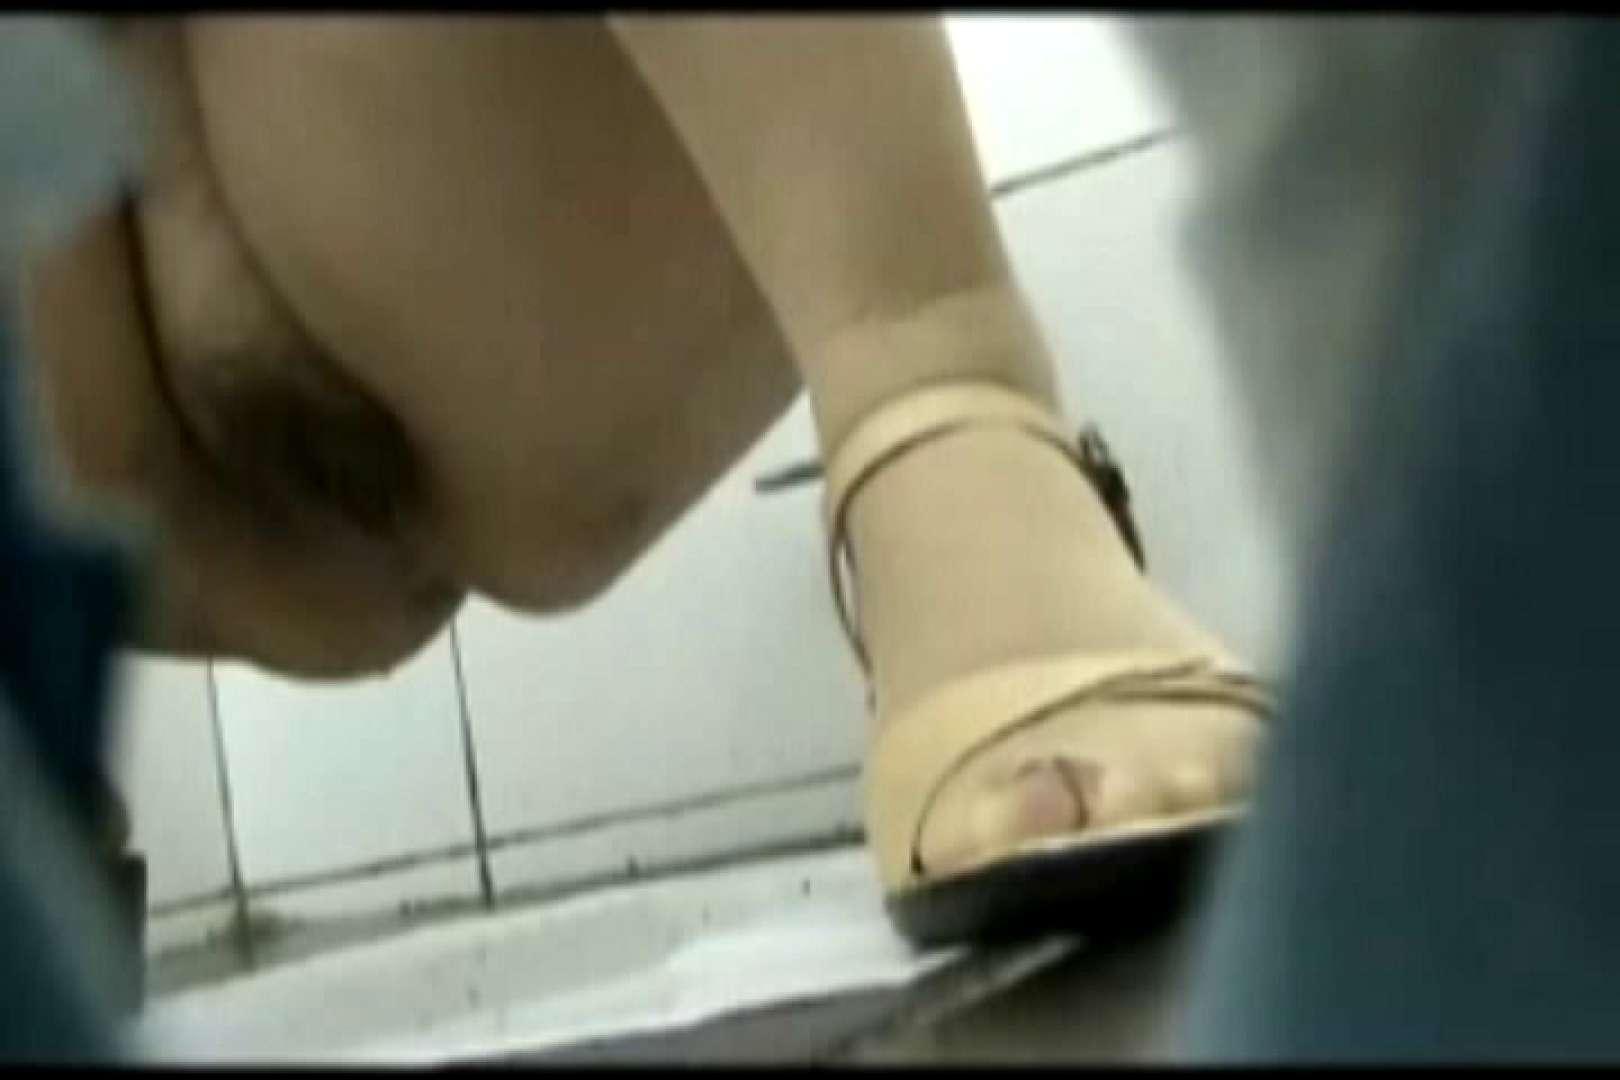 ぼっとん洗面所スペシャルVol.13 おまんこ オマンコ無修正動画無料 83pic 8